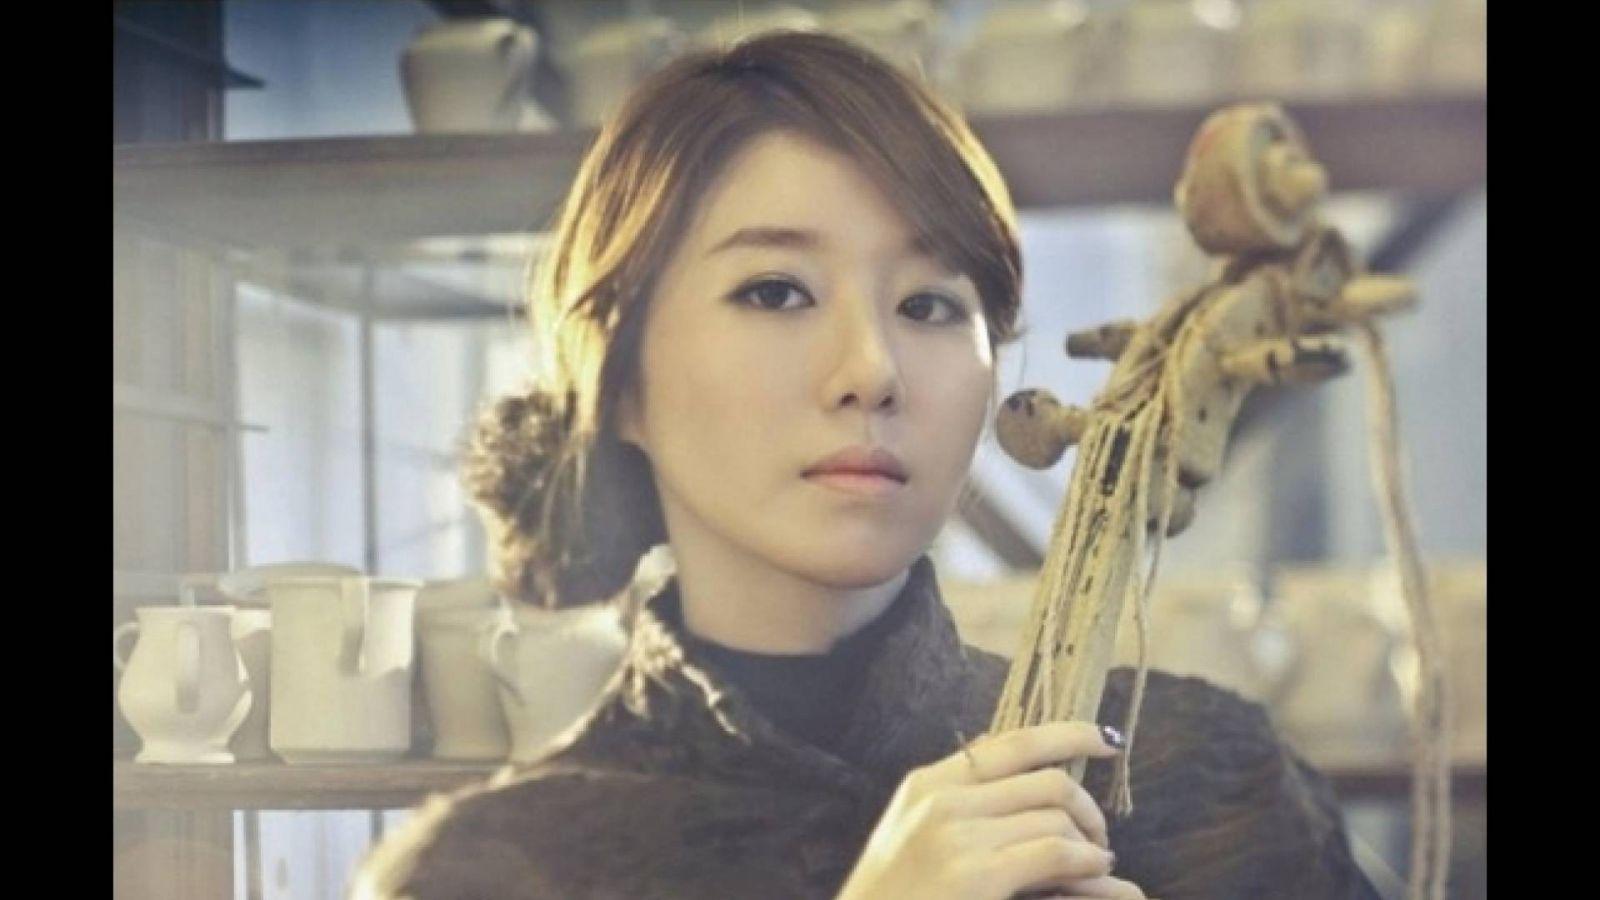 Navi palaa musiikkiin © Loen Entertainment